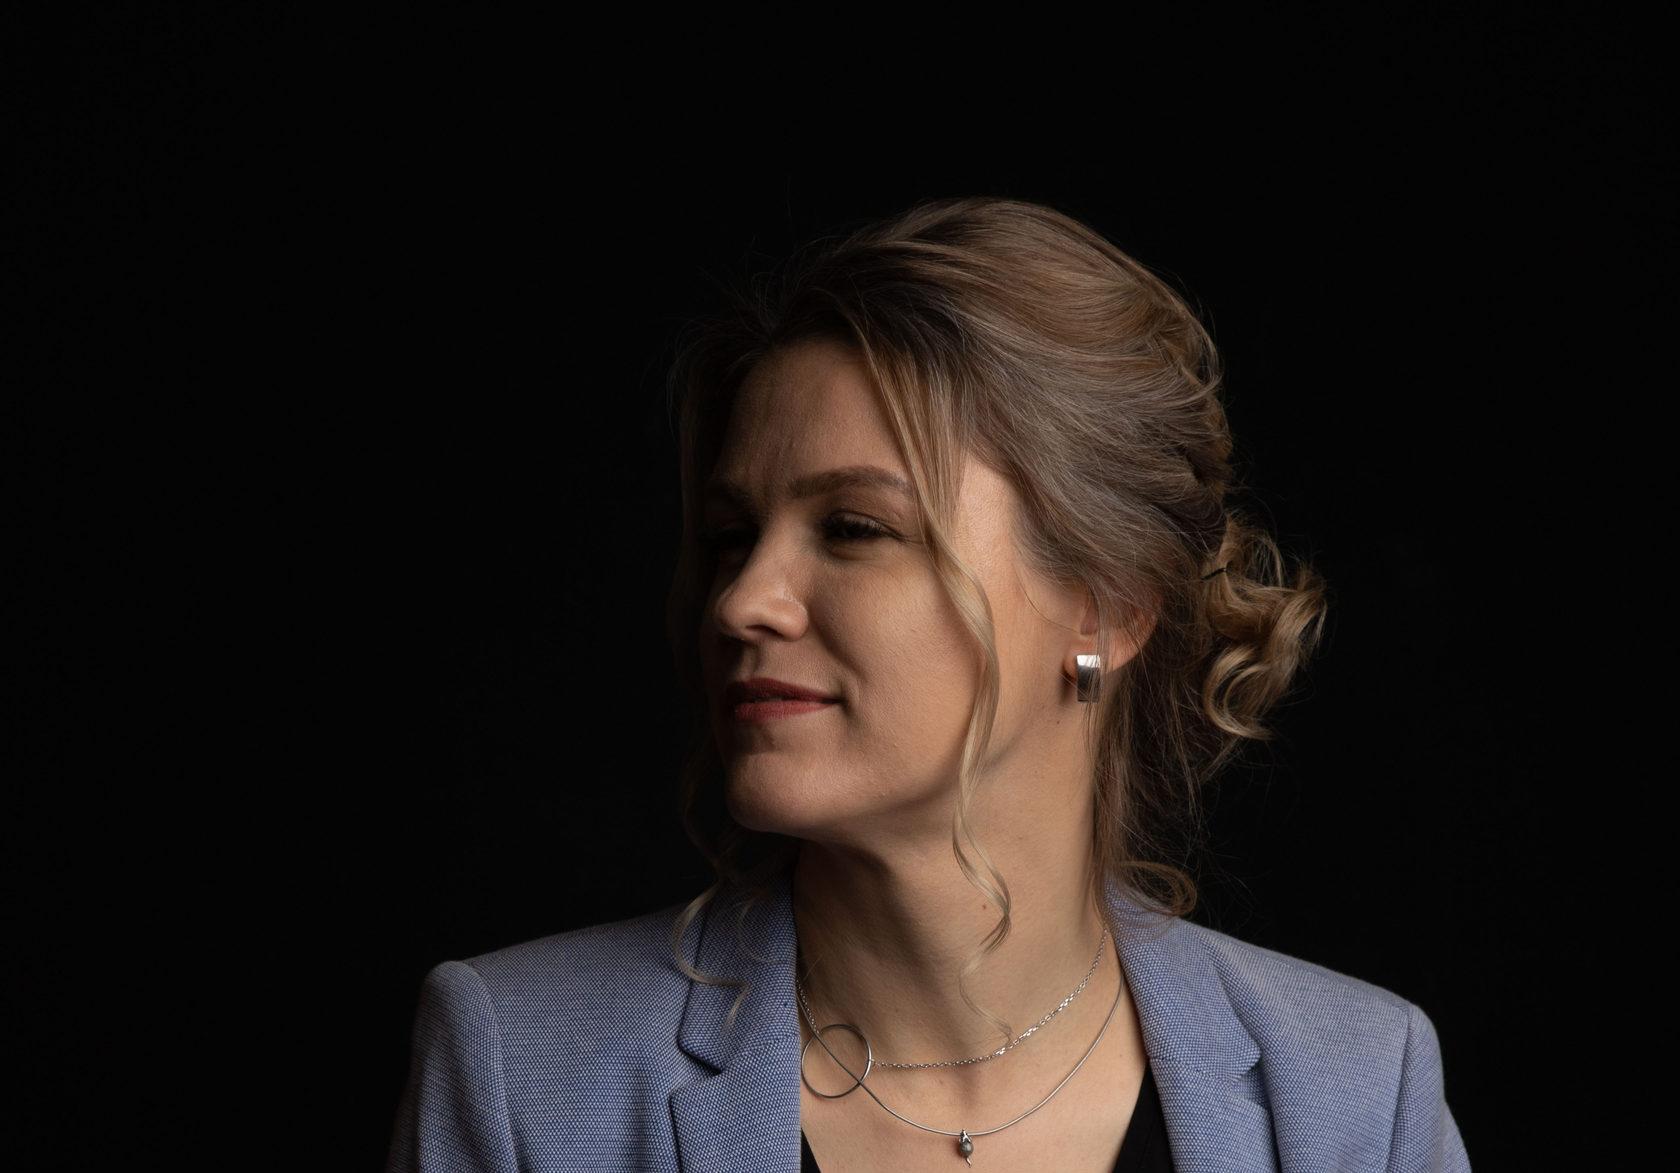 Татьяна Бохолдина, юрист, специалист по трудовому праву, а также кадровый аудитор.